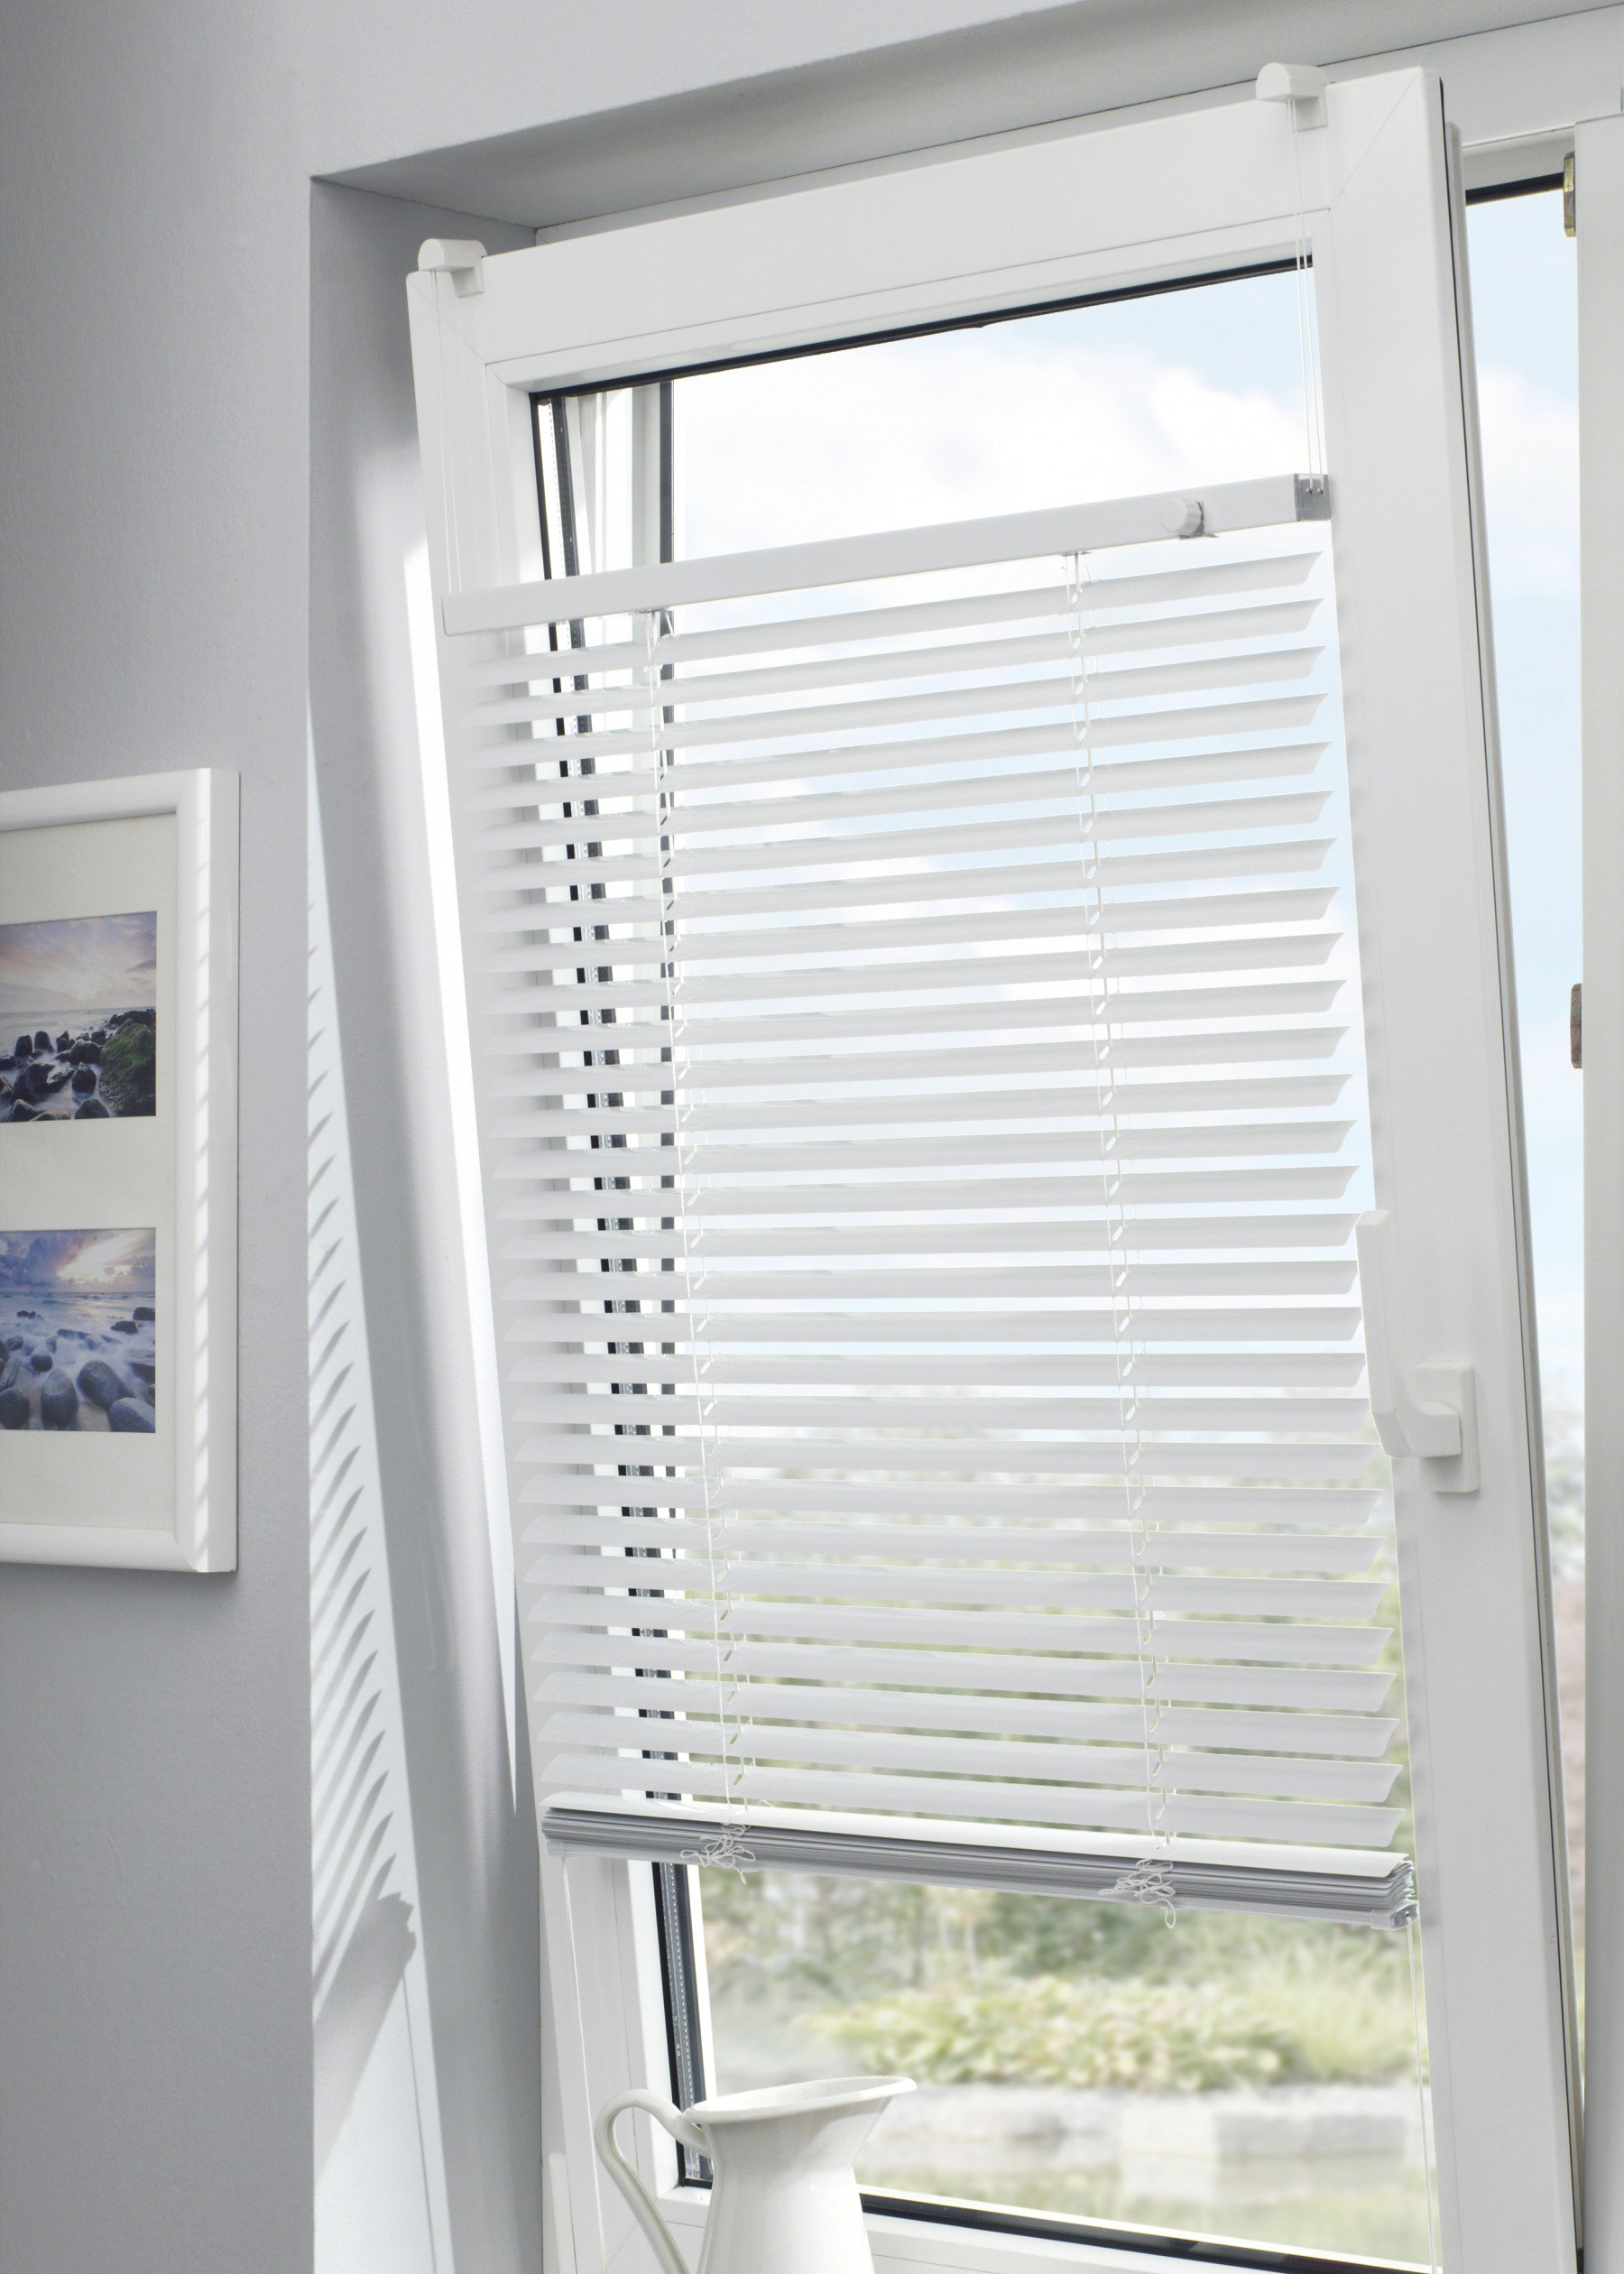 Full Size of Fenster Jalousie Innen Plissee Bodentiefe Insektenschutzrollo Günstig Kaufen Bodentief Roro Sonnenschutzfolie Einbruchsicherung Velux Drutex Günstige Auf Fenster Fenster Jalousie